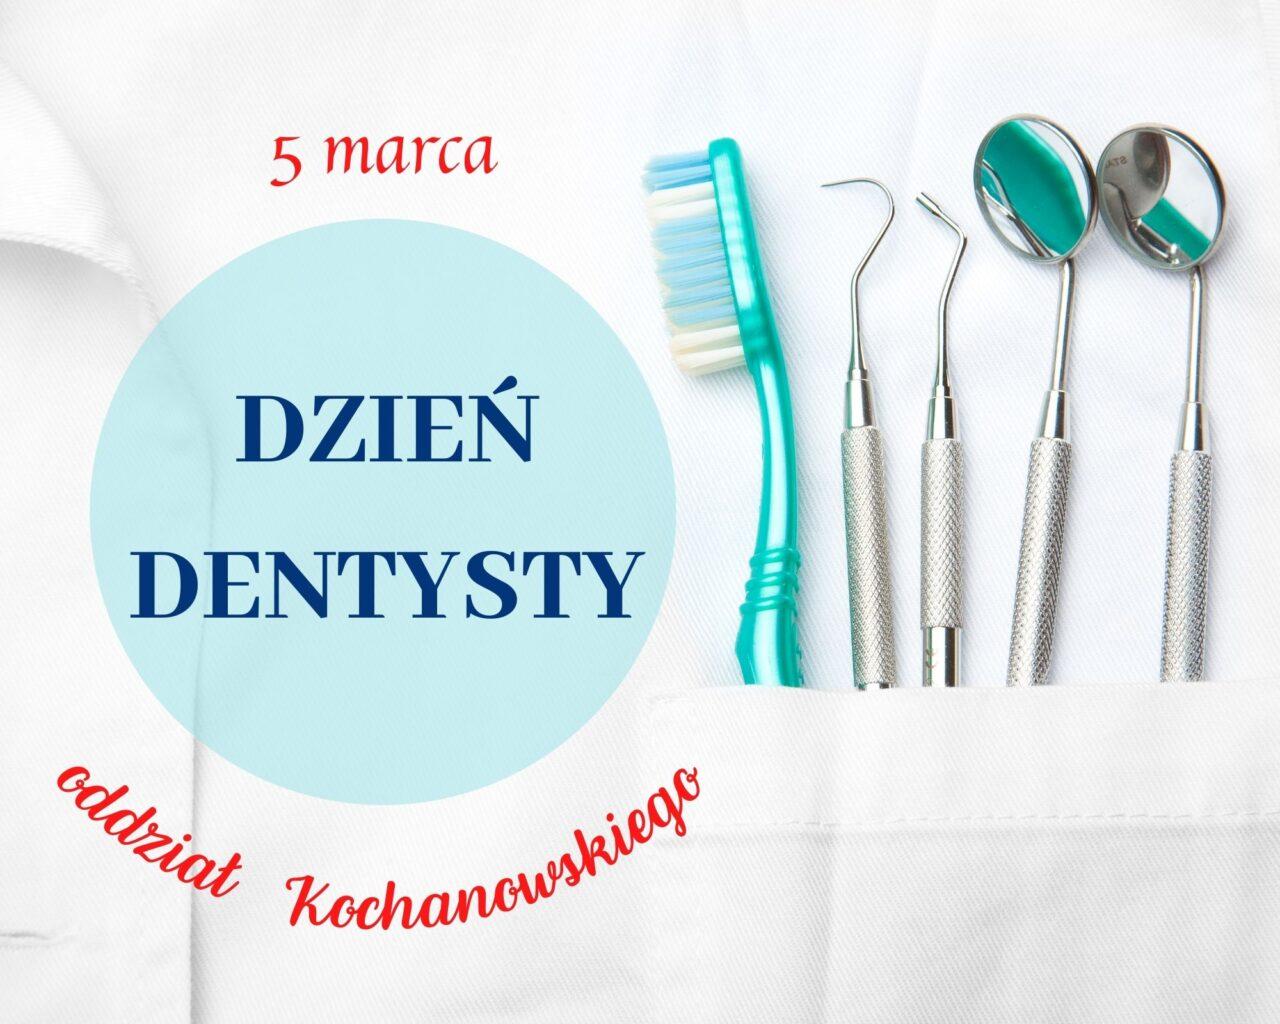 1.dentysta